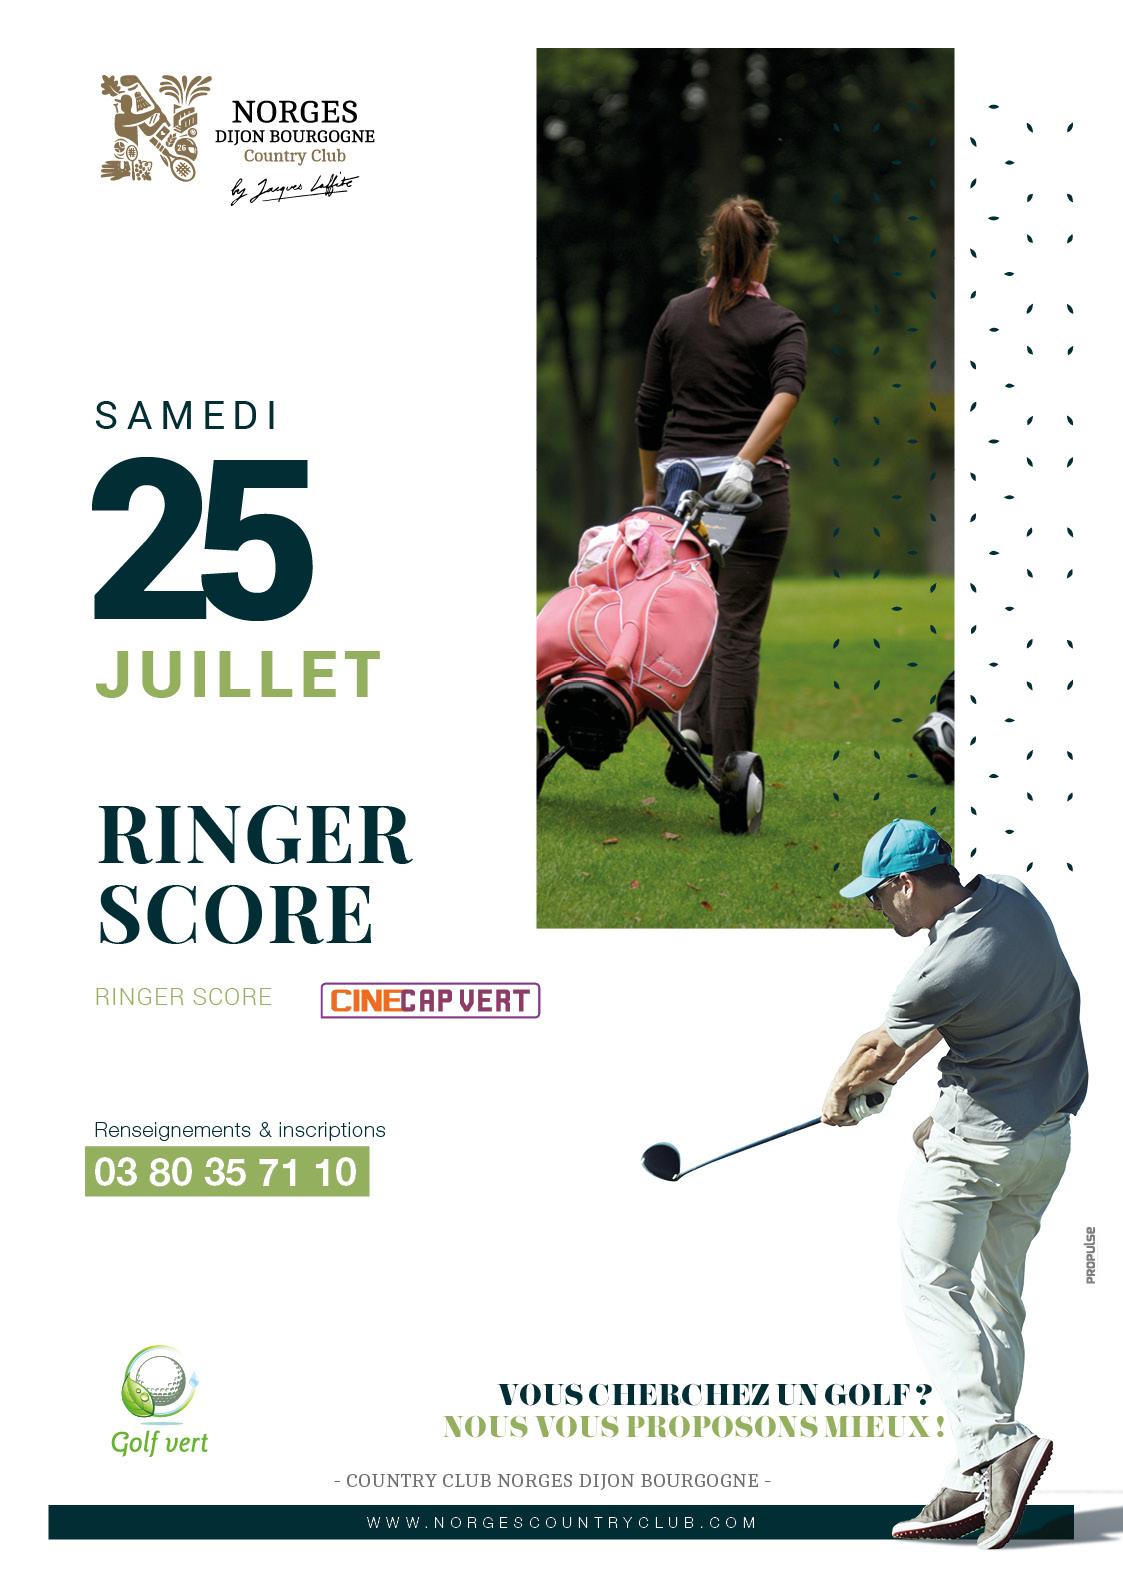 Ringer score Cap Vert